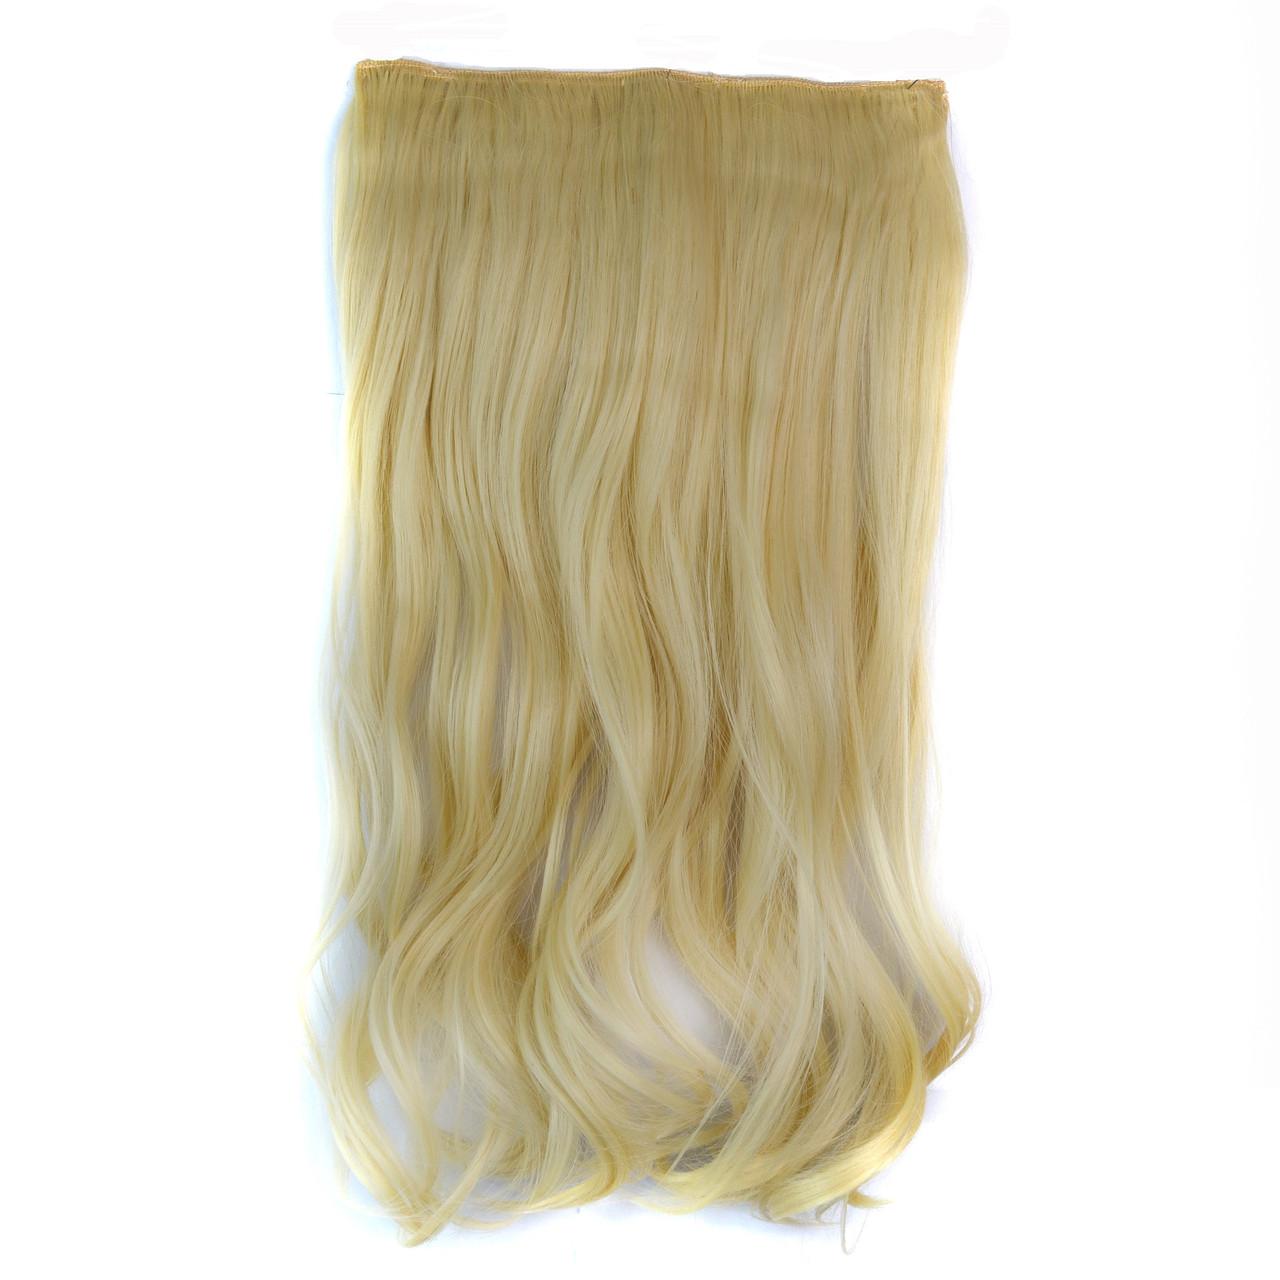 Дешево волосы на трессах